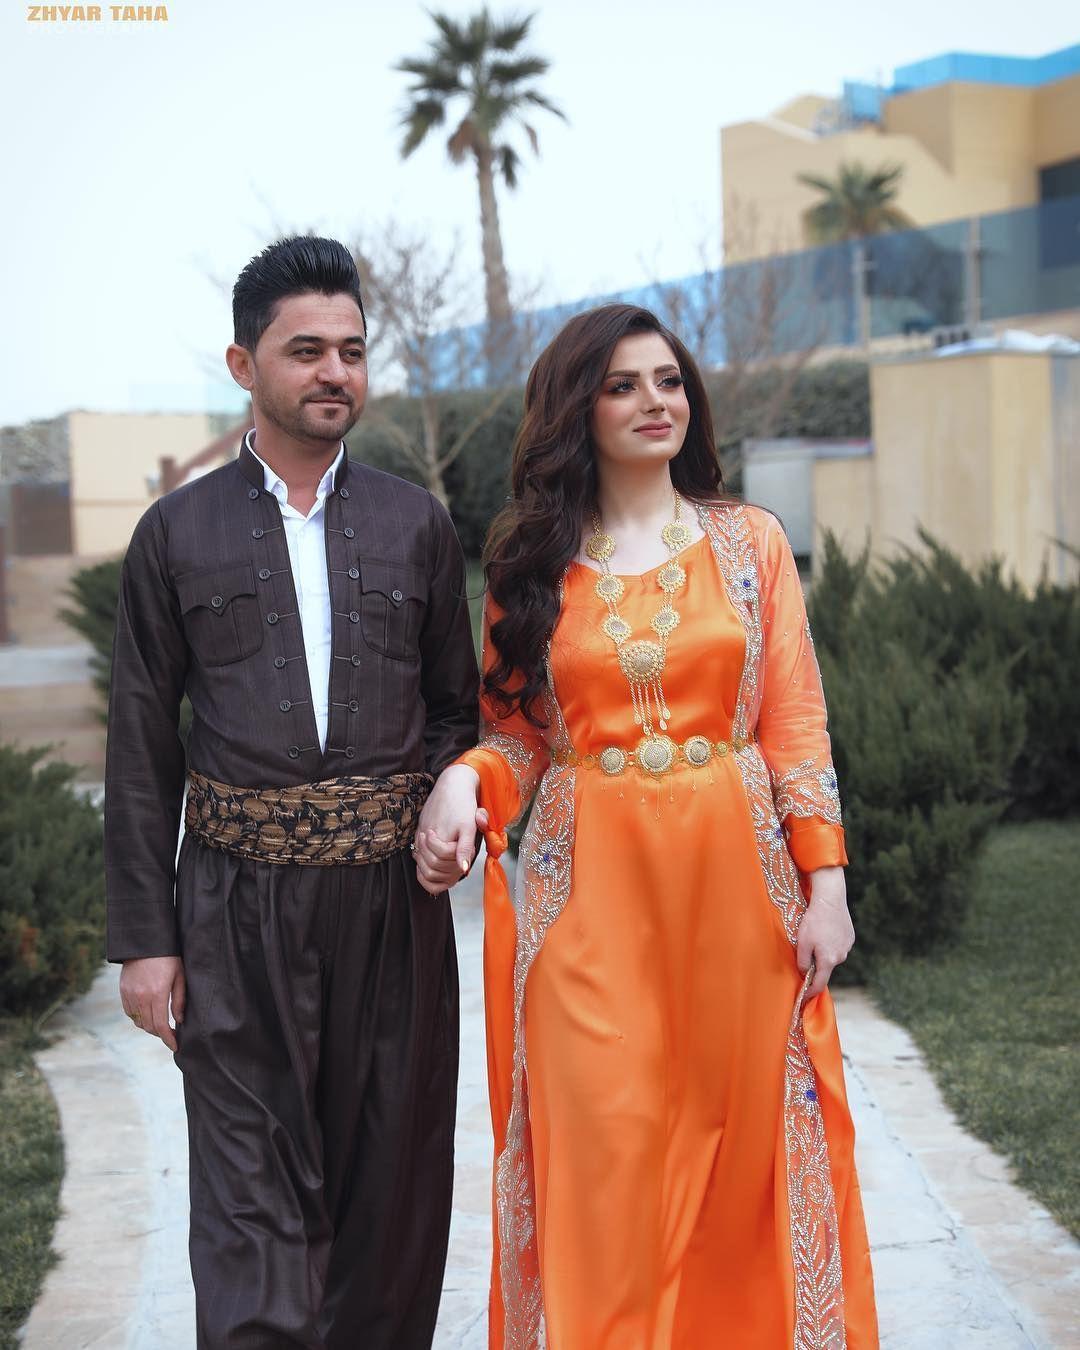 jli kurdi جلی کوردی 2019  fashion arab fashion girls